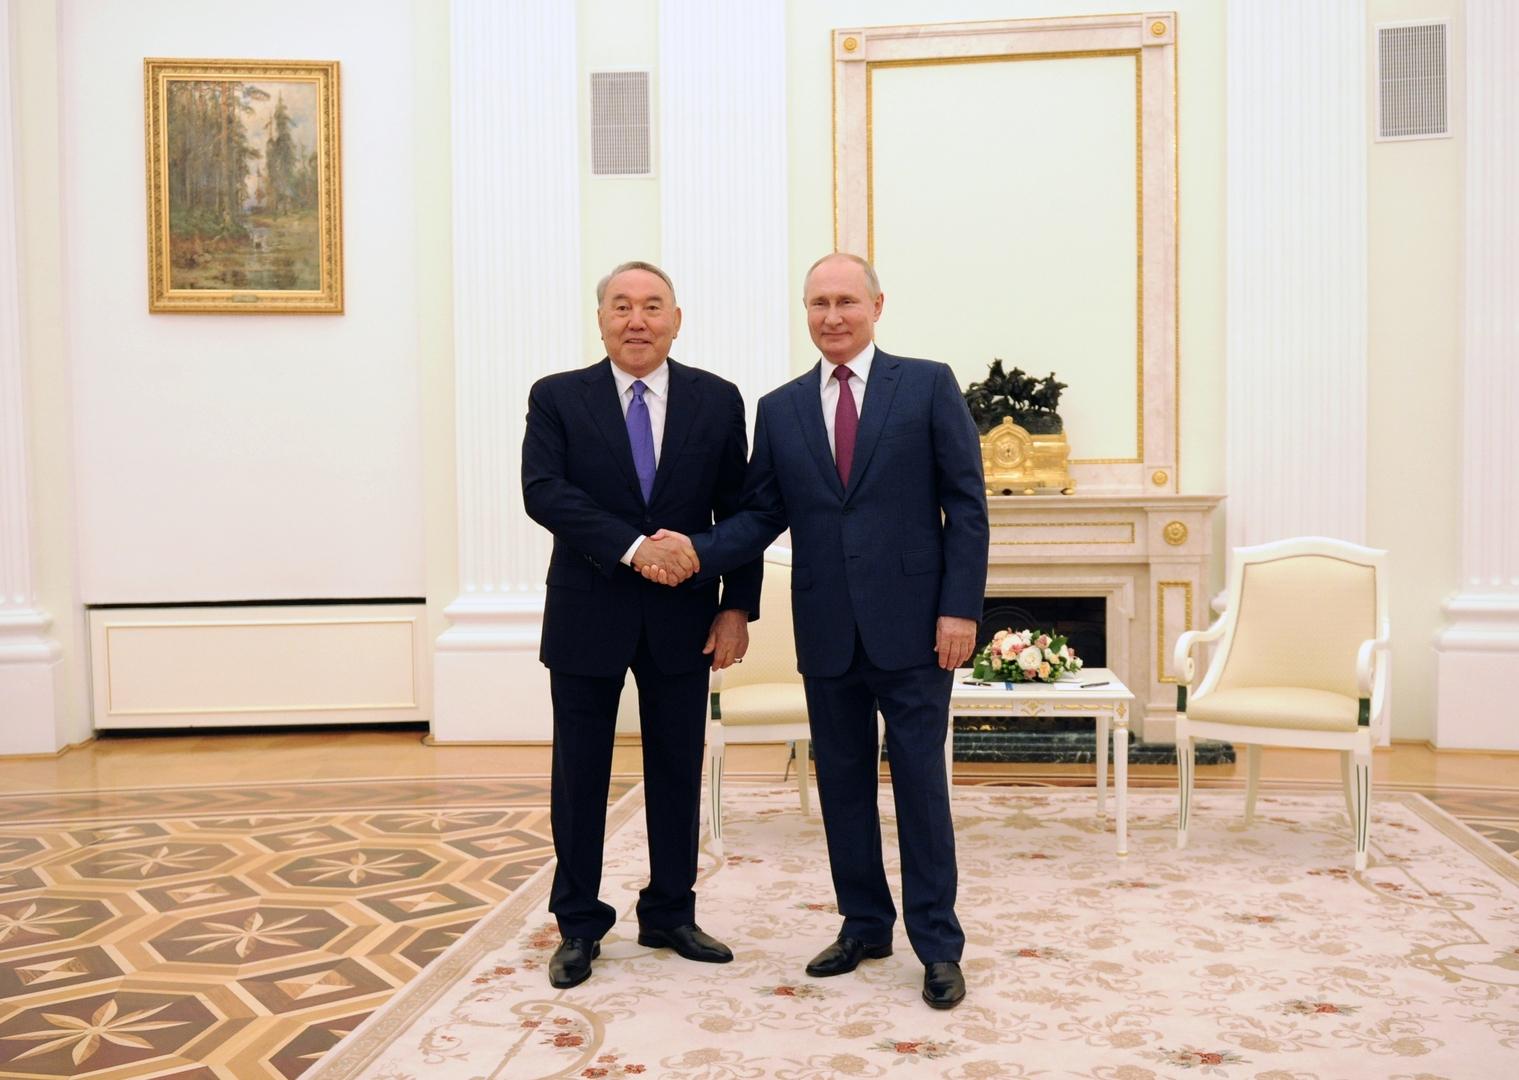 بوتين يهنئ الرئيس الأول لكازاخستان بعيد ميلاده